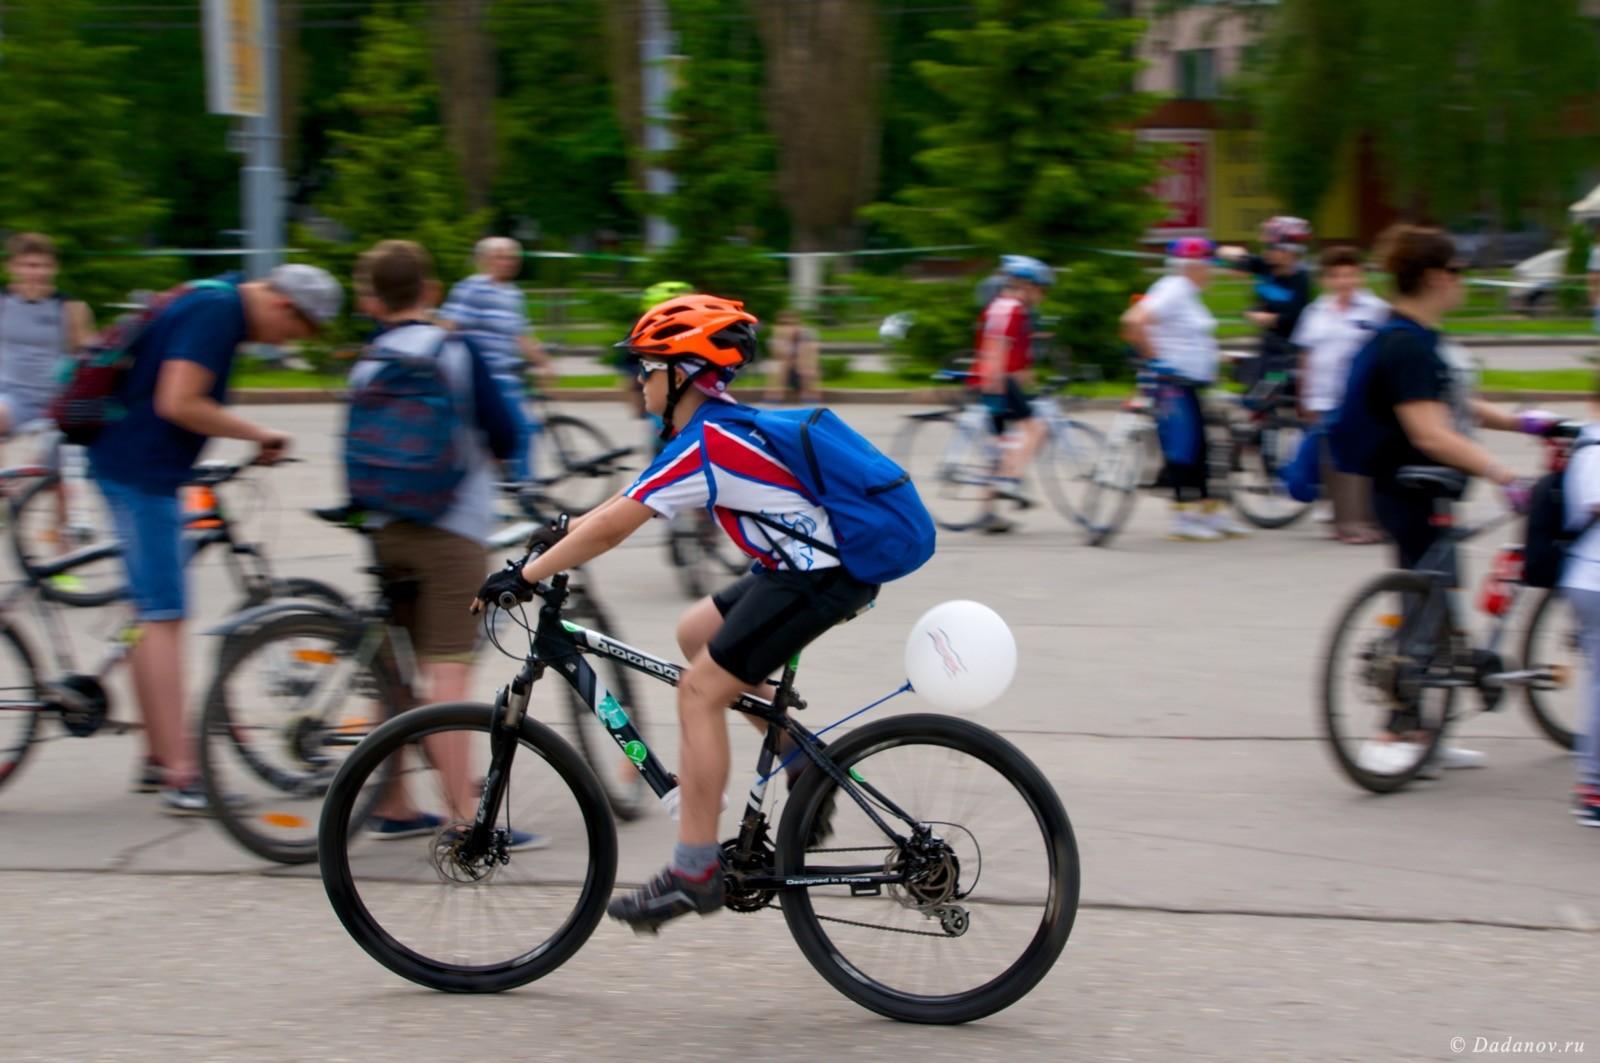 Велодень 2016 в Липецке состоялся. Фотографии с мероприятия 2959